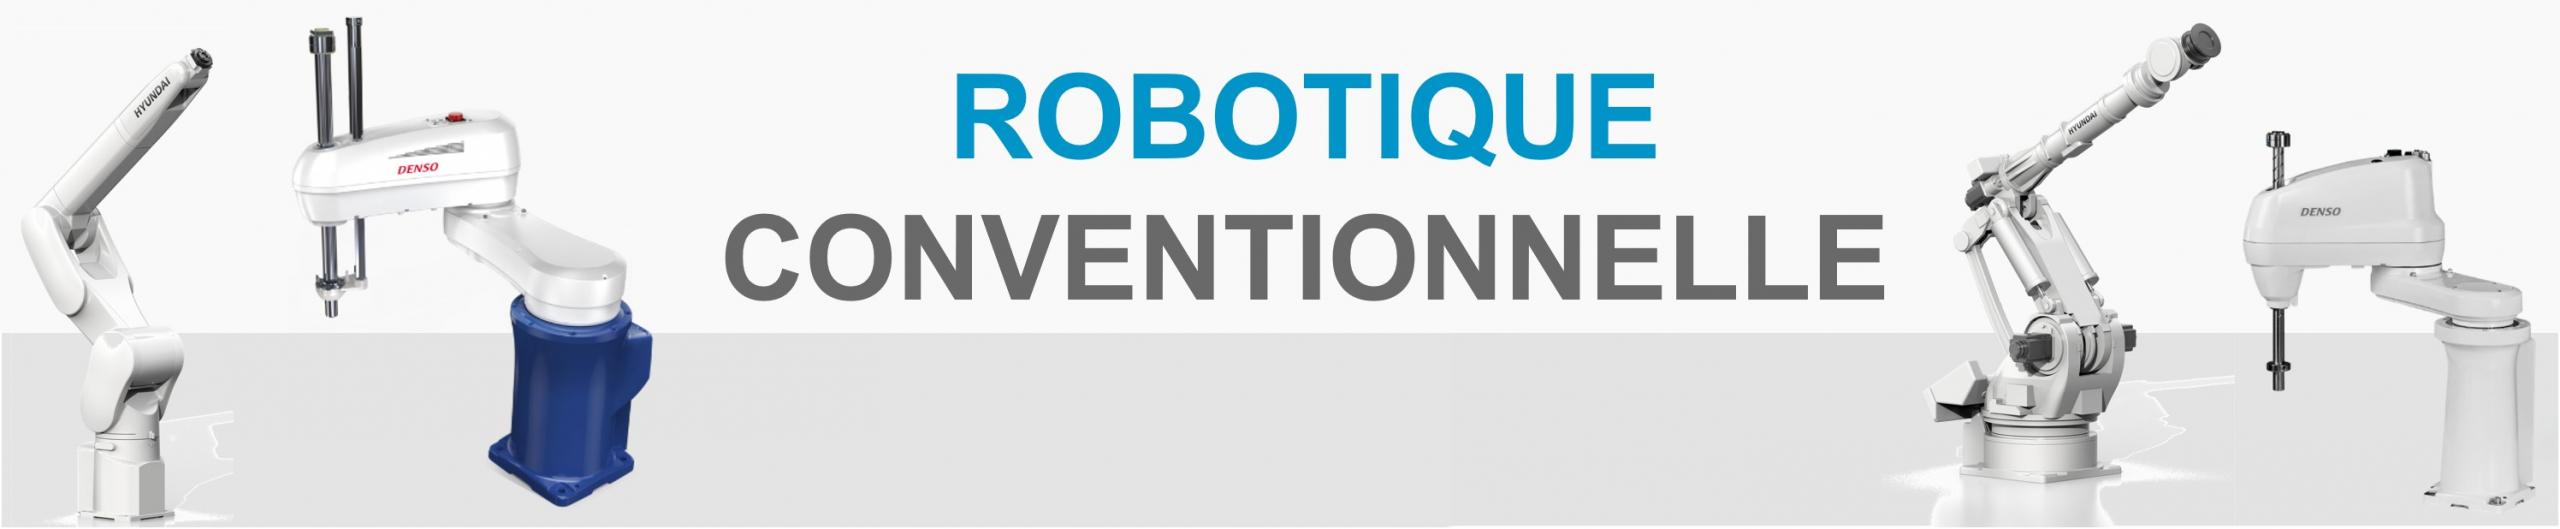 robotique conventionnelle